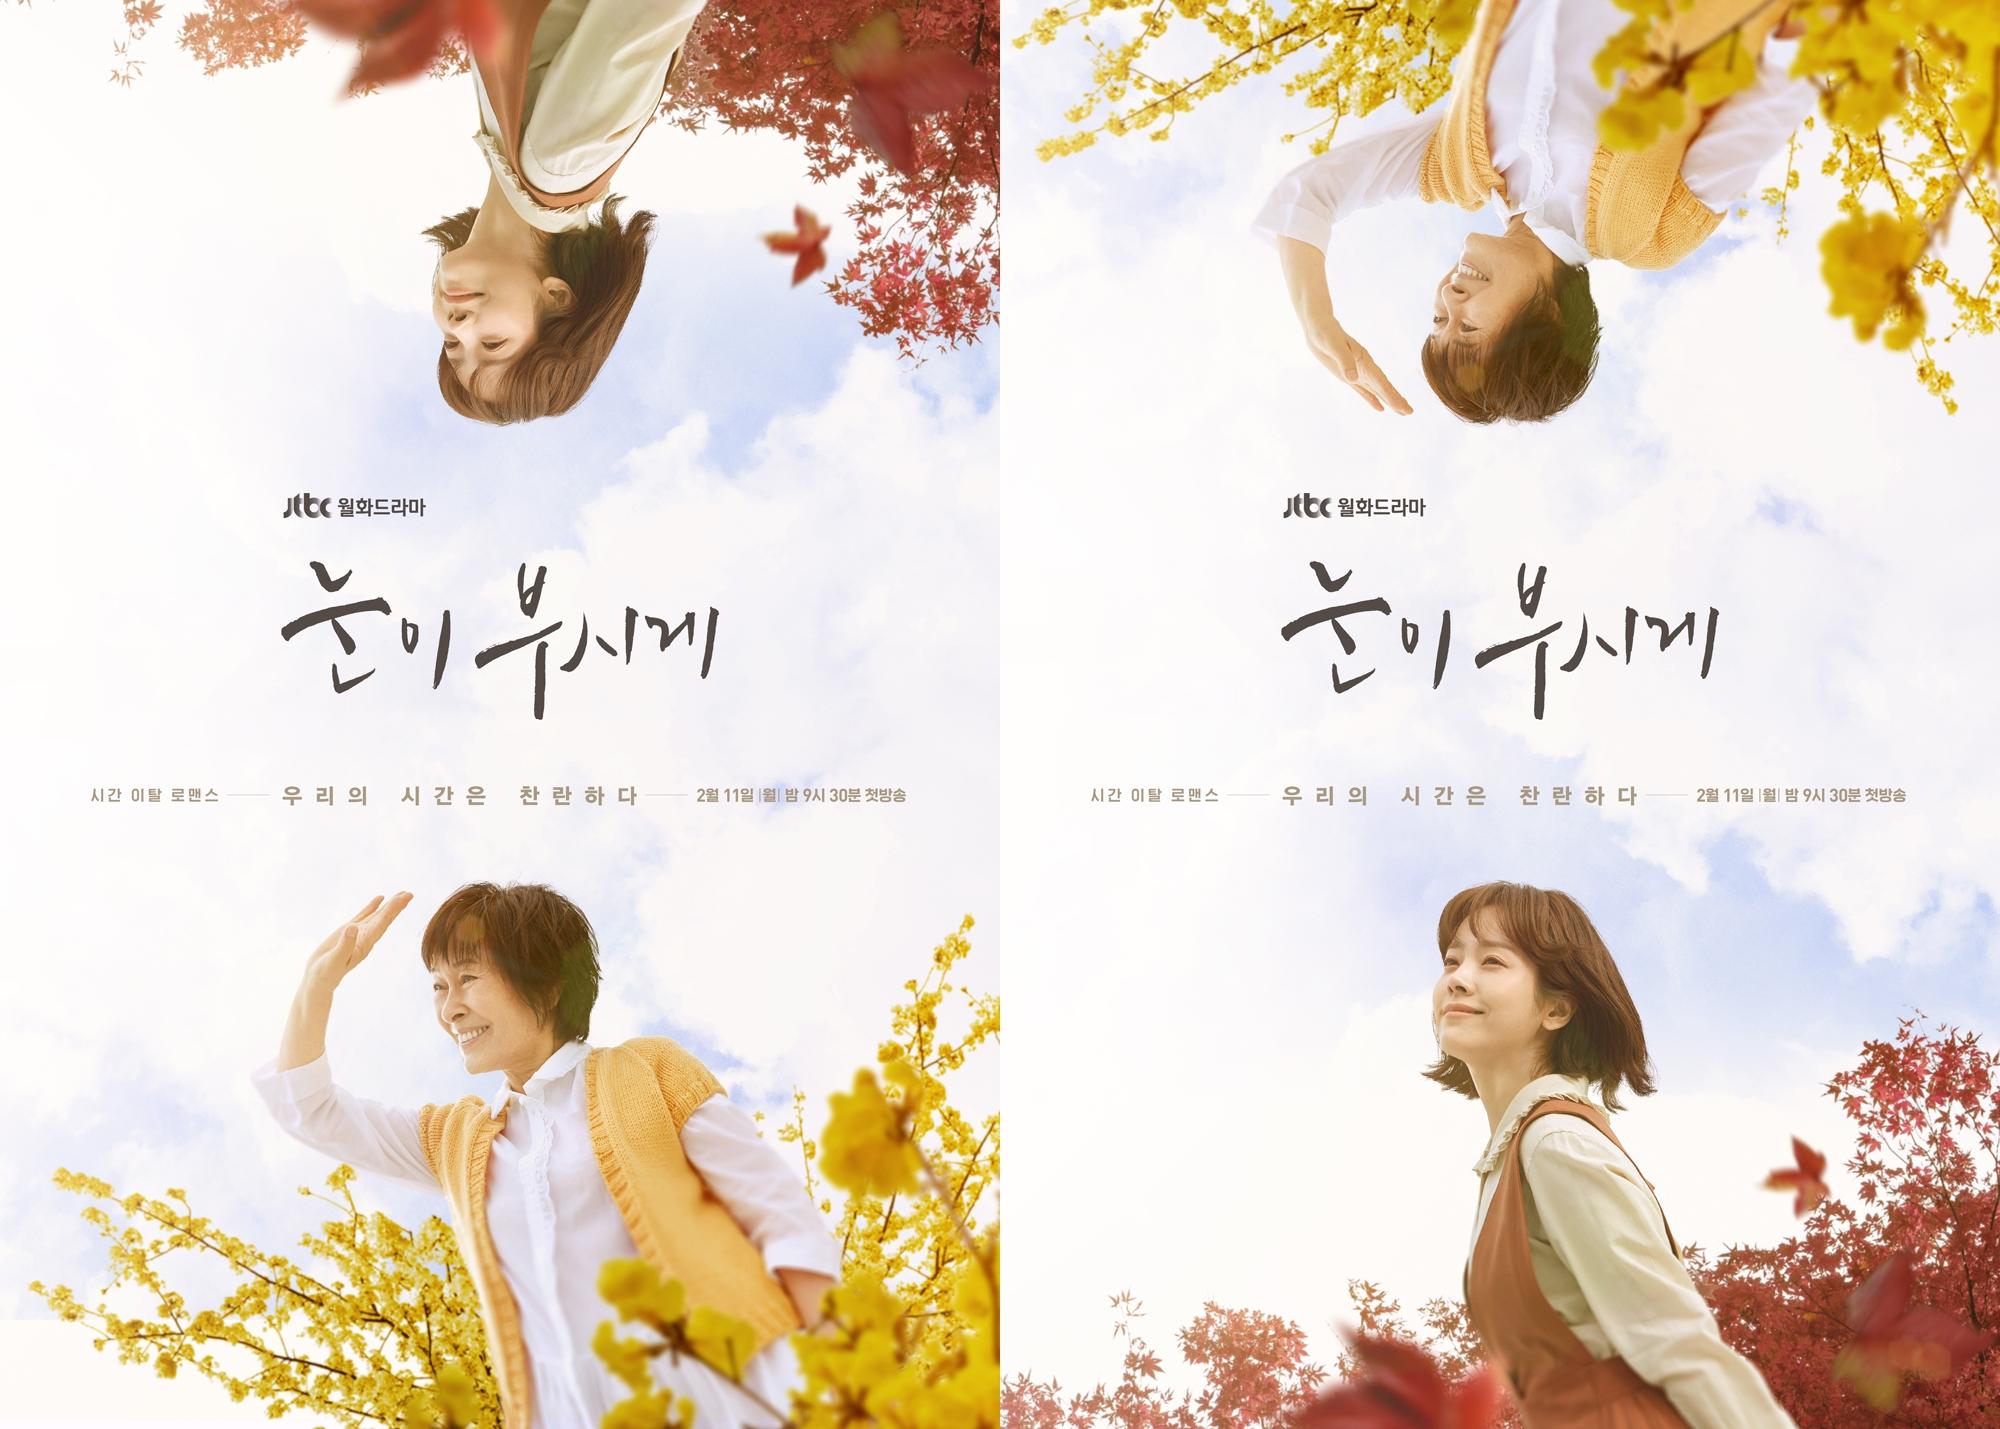 '눈이 부시게', 김혜자X한지민 감성 시너지..2차 티저 포스터 공개 '기대감↑'